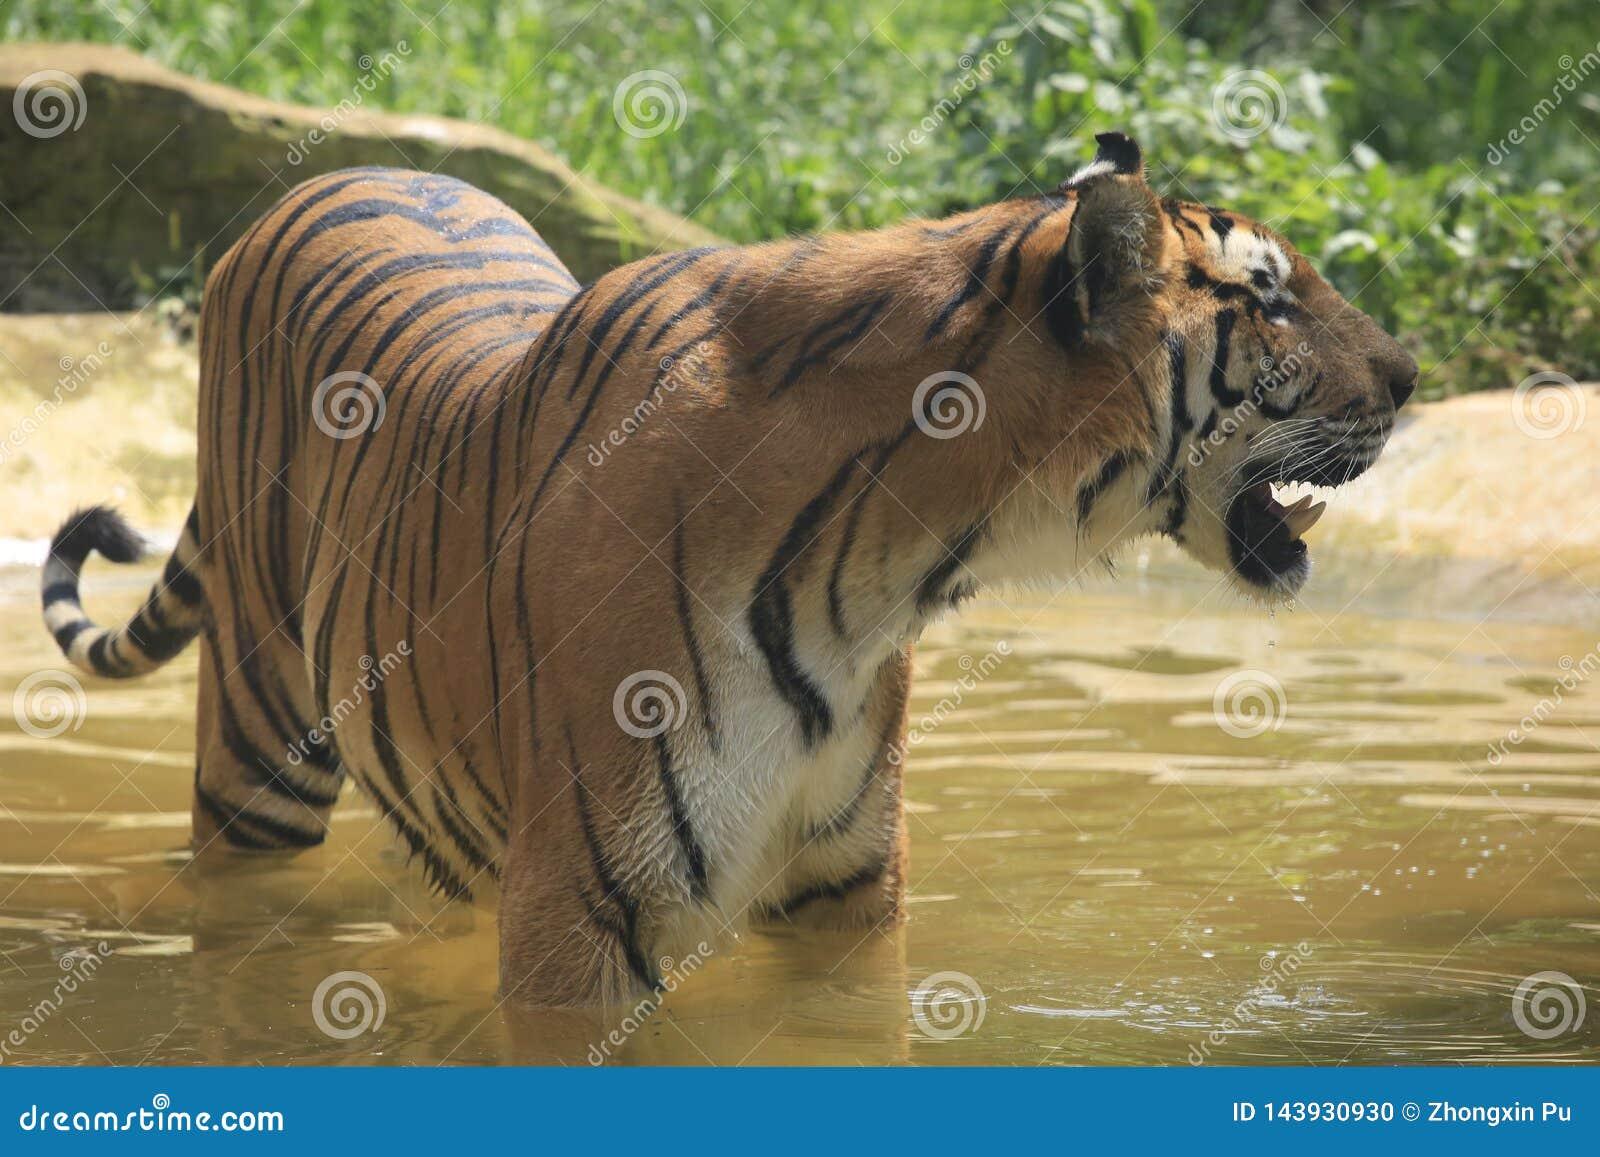 Asiatische Tiger unterscheiden sich in ihren Wohnbereichen